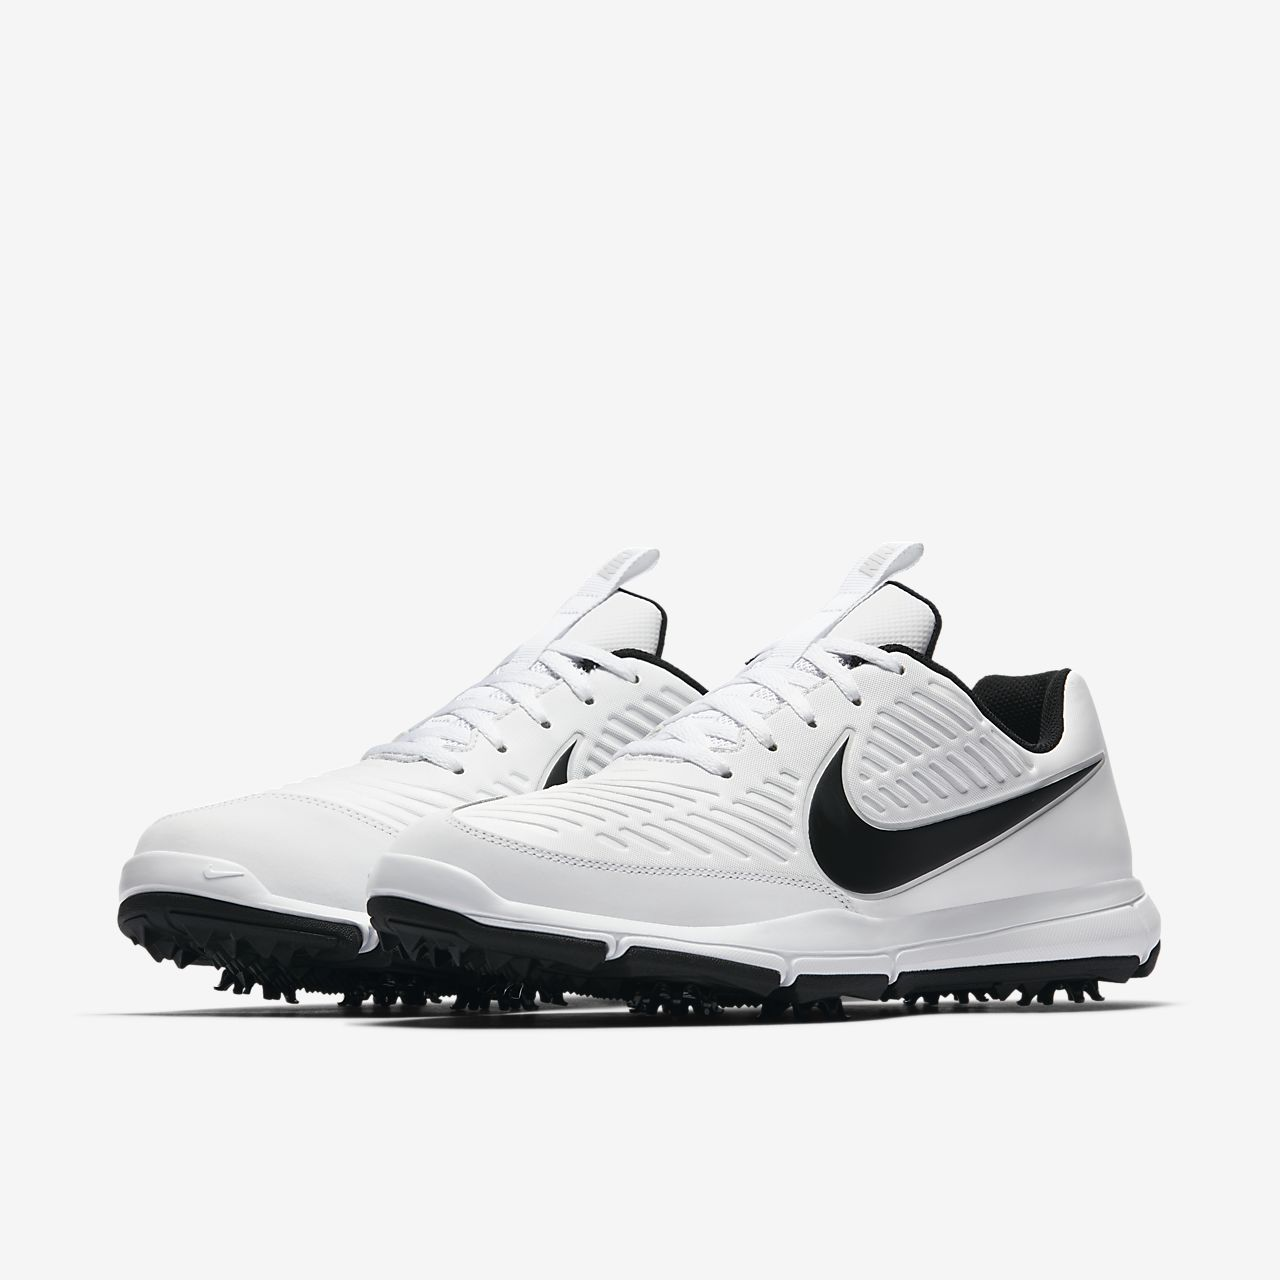 new product c2d9b c4782 ... Nike Explorer 2 S-golfsko til mænd